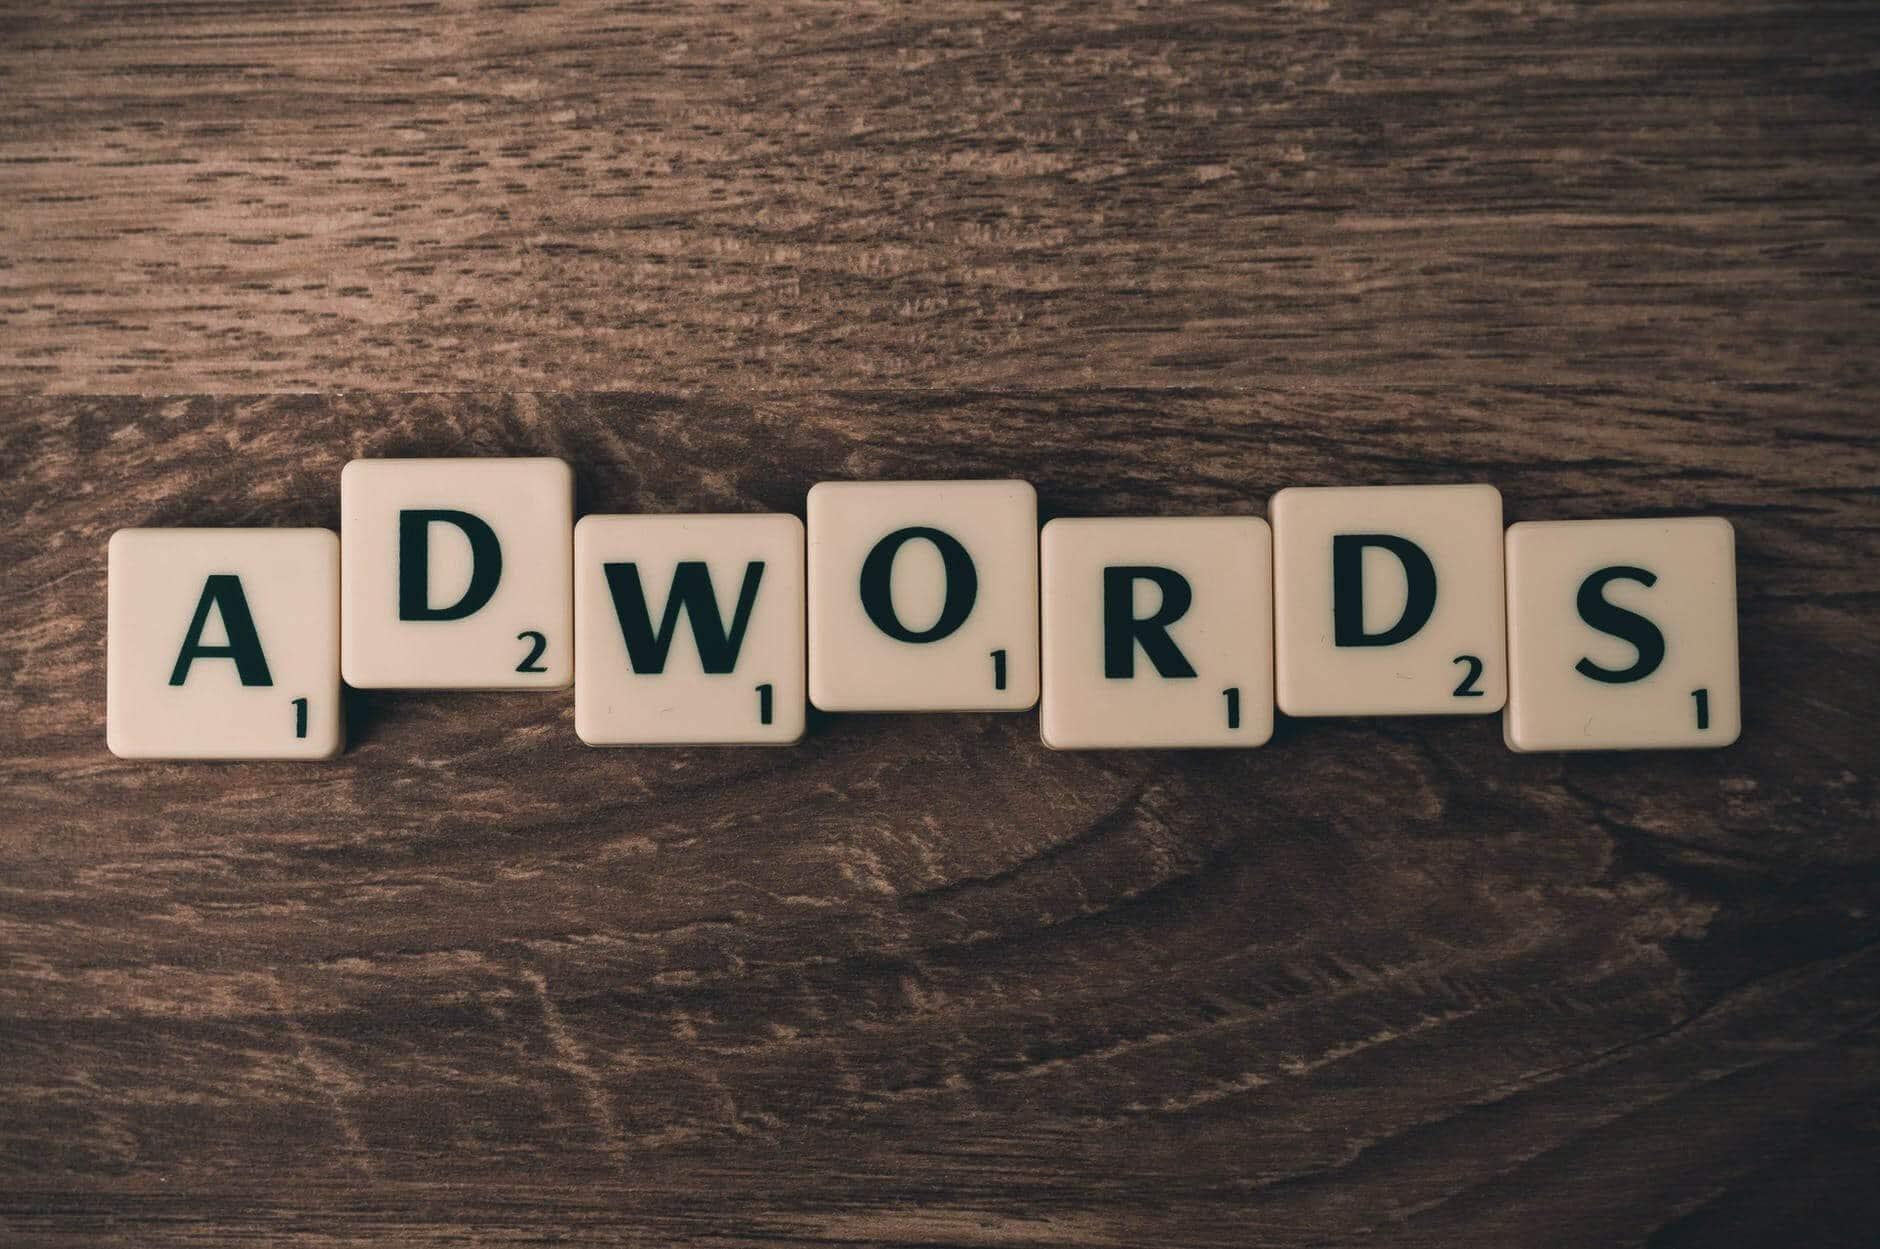 Aumenta tus ventas con los Servicios de Google Adwords